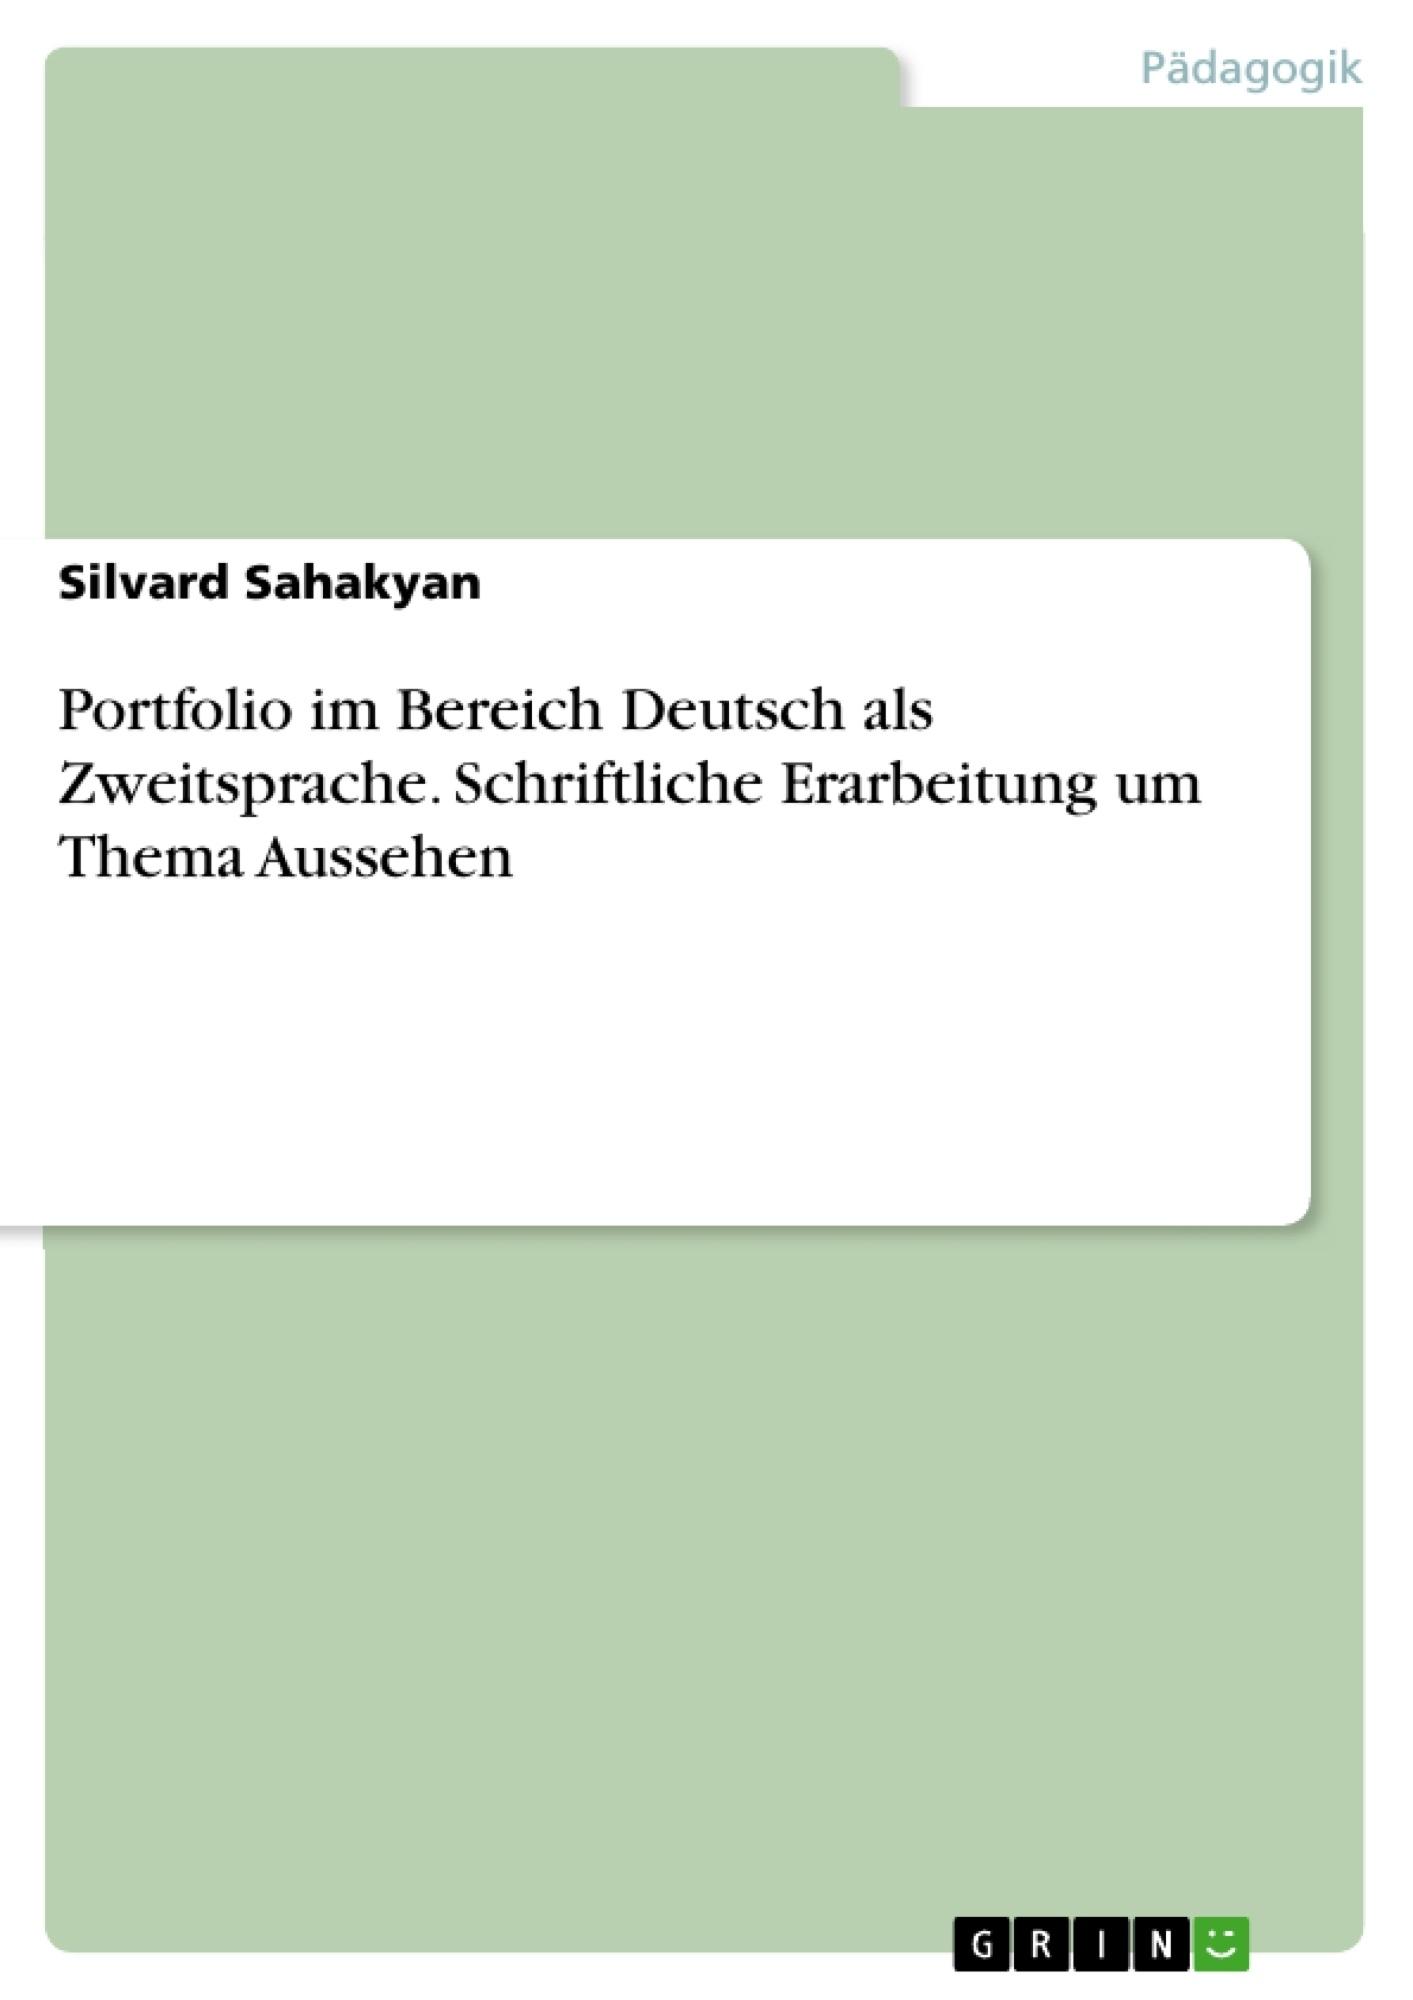 Titel: Portfolio im Bereich Deutsch als Zweitsprache. Schriftliche Erarbeitung um Thema Aussehen